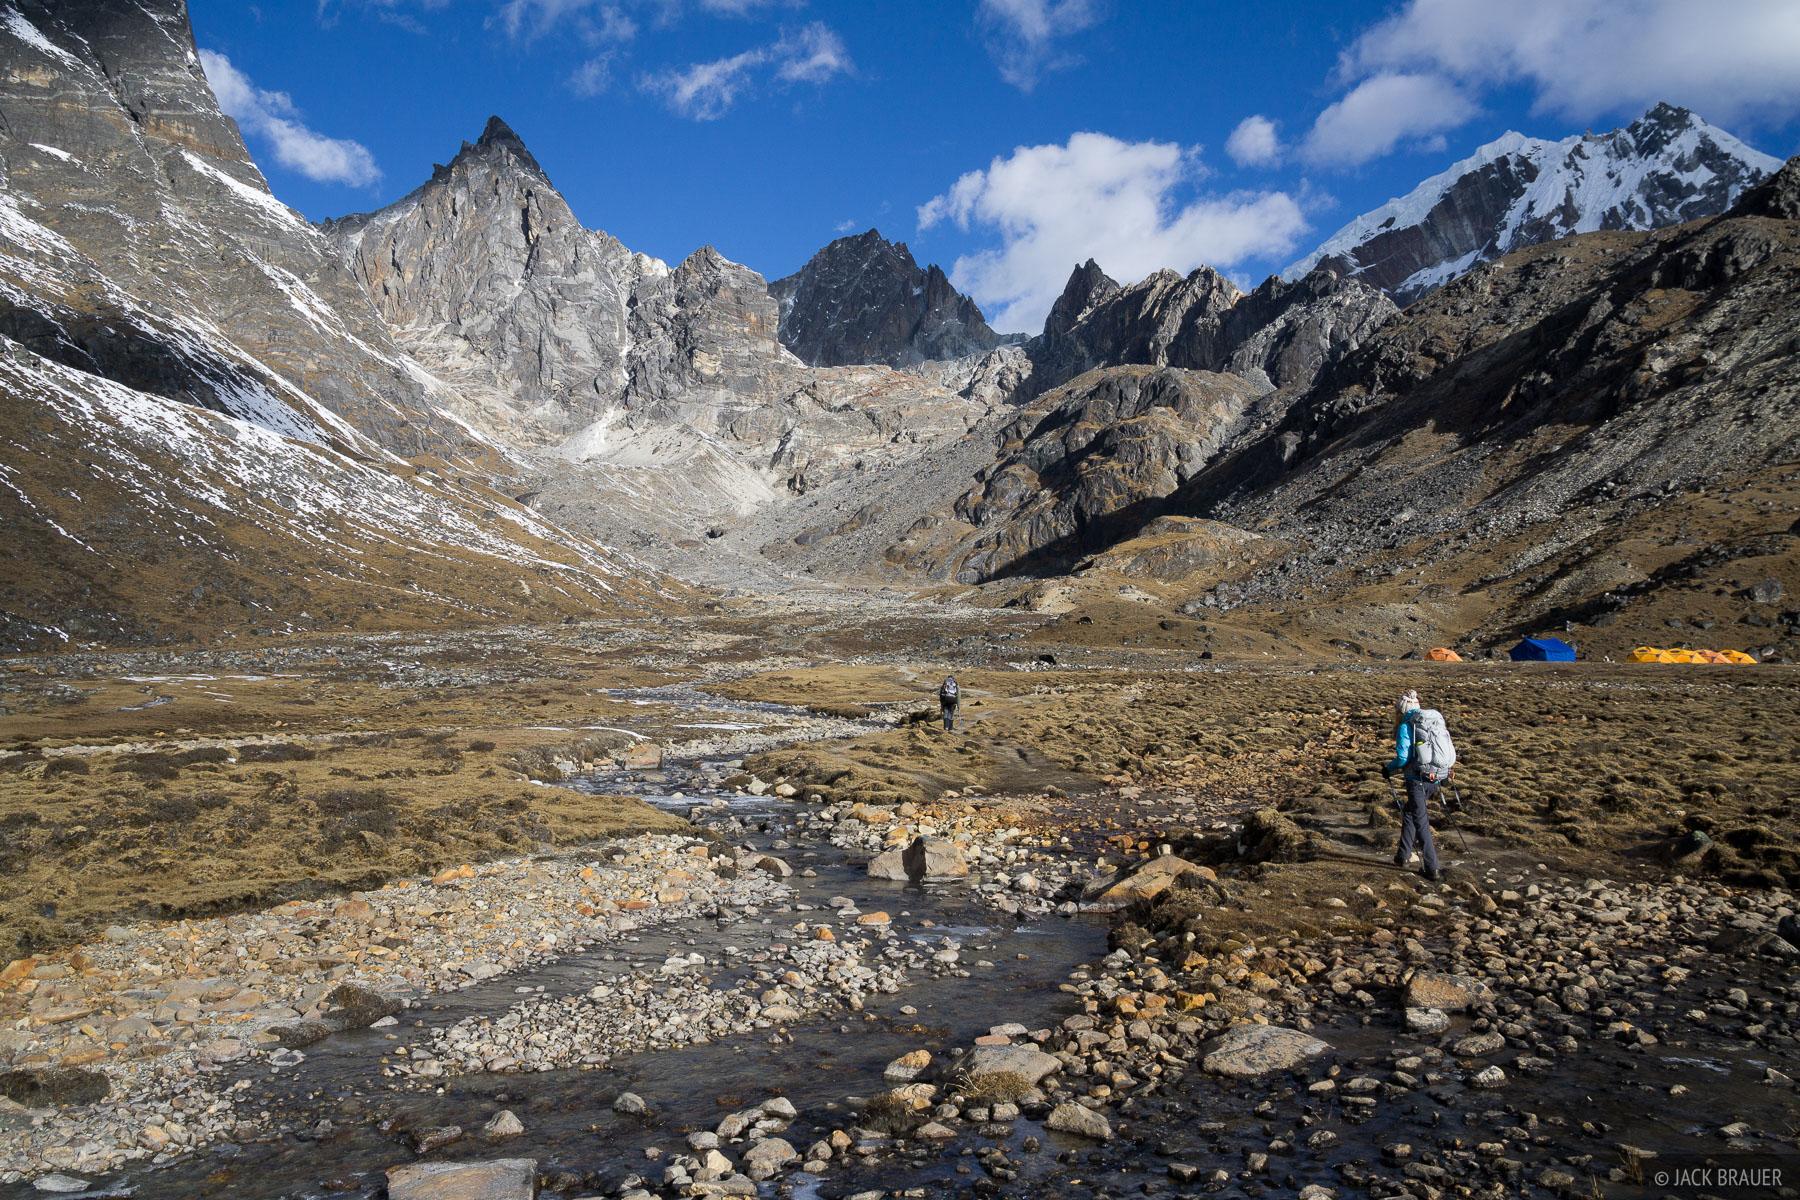 Hiking from Dzongla towards Cho La.